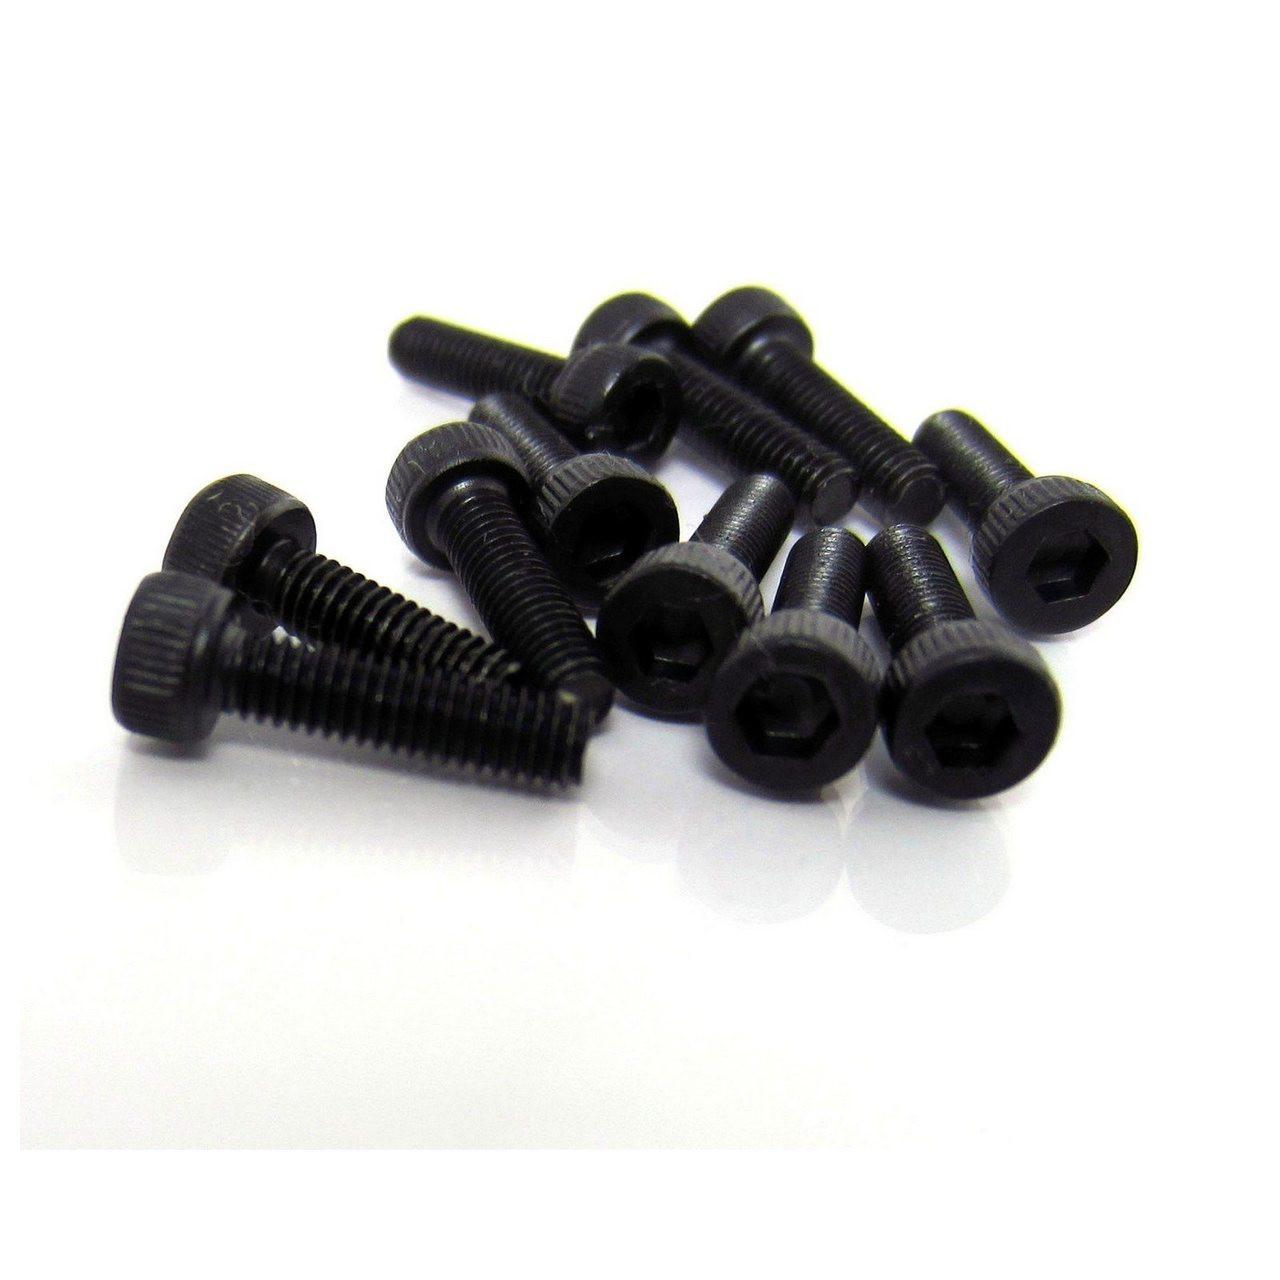 TRB RC 2.5 x 10mm Socket Head Cap Screw Class 12.9 Hard Alloy Steel (10)